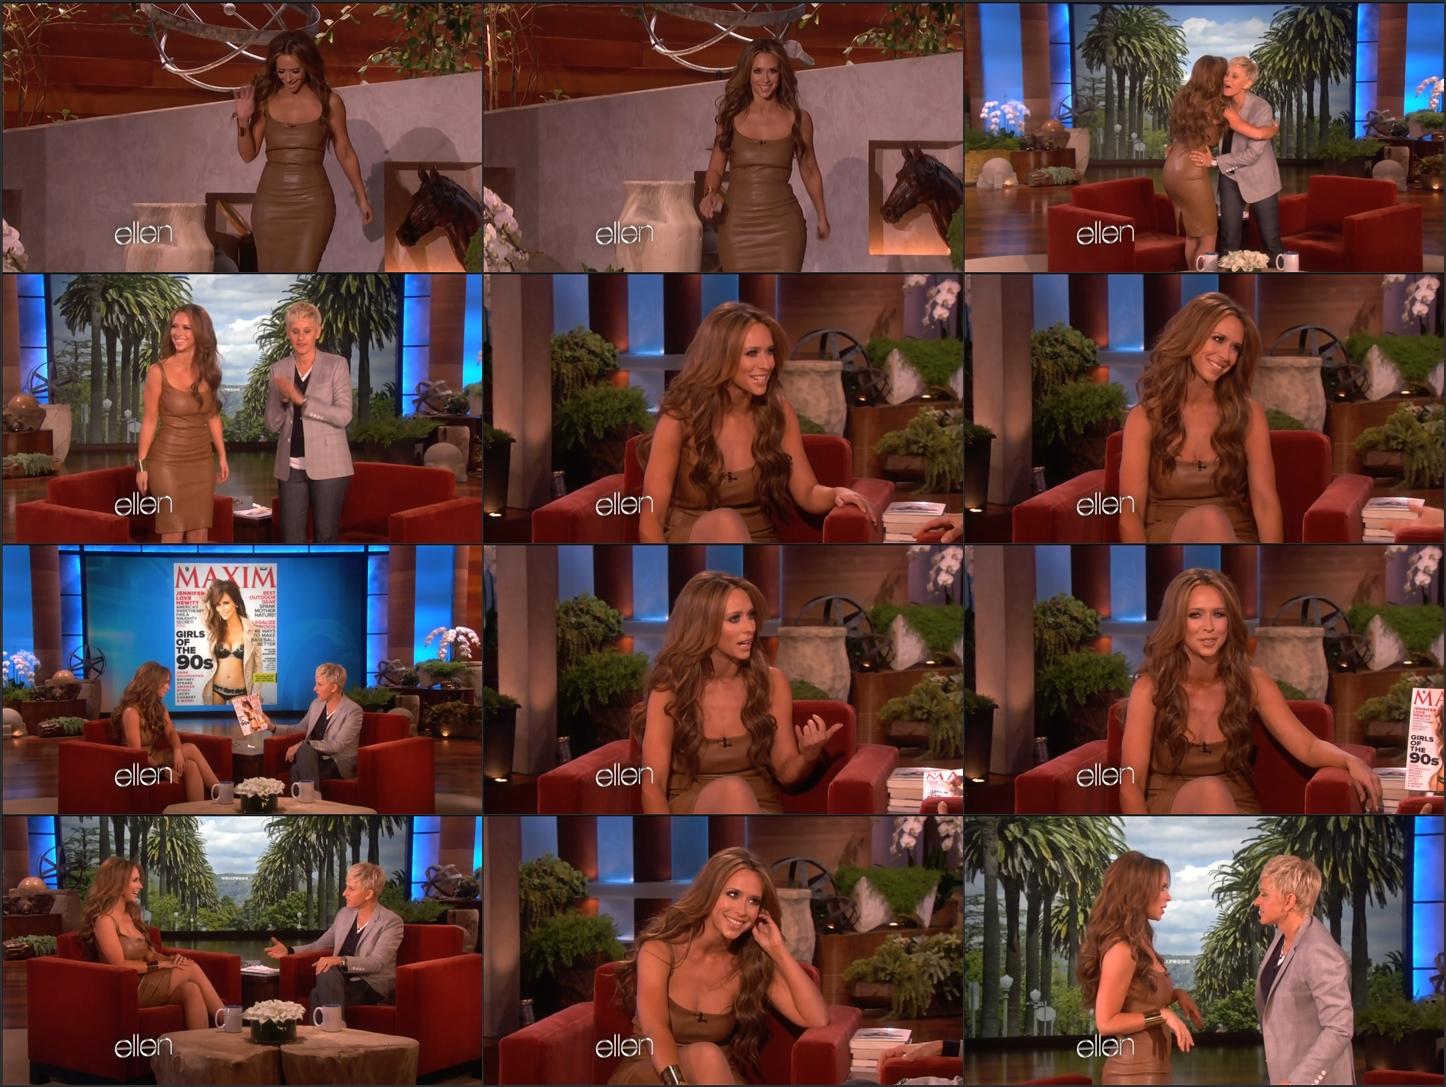 http://1.bp.blogspot.com/-K_6-Df1PW9Q/T4Fm_d_AX6I/AAAAAAAAA3Y/xxo8CYDqR-A/s1600/Jennifer_Love_Hewitt_-_Ellen_DeGeneres_1080i_2012_04_05.ts.jpg